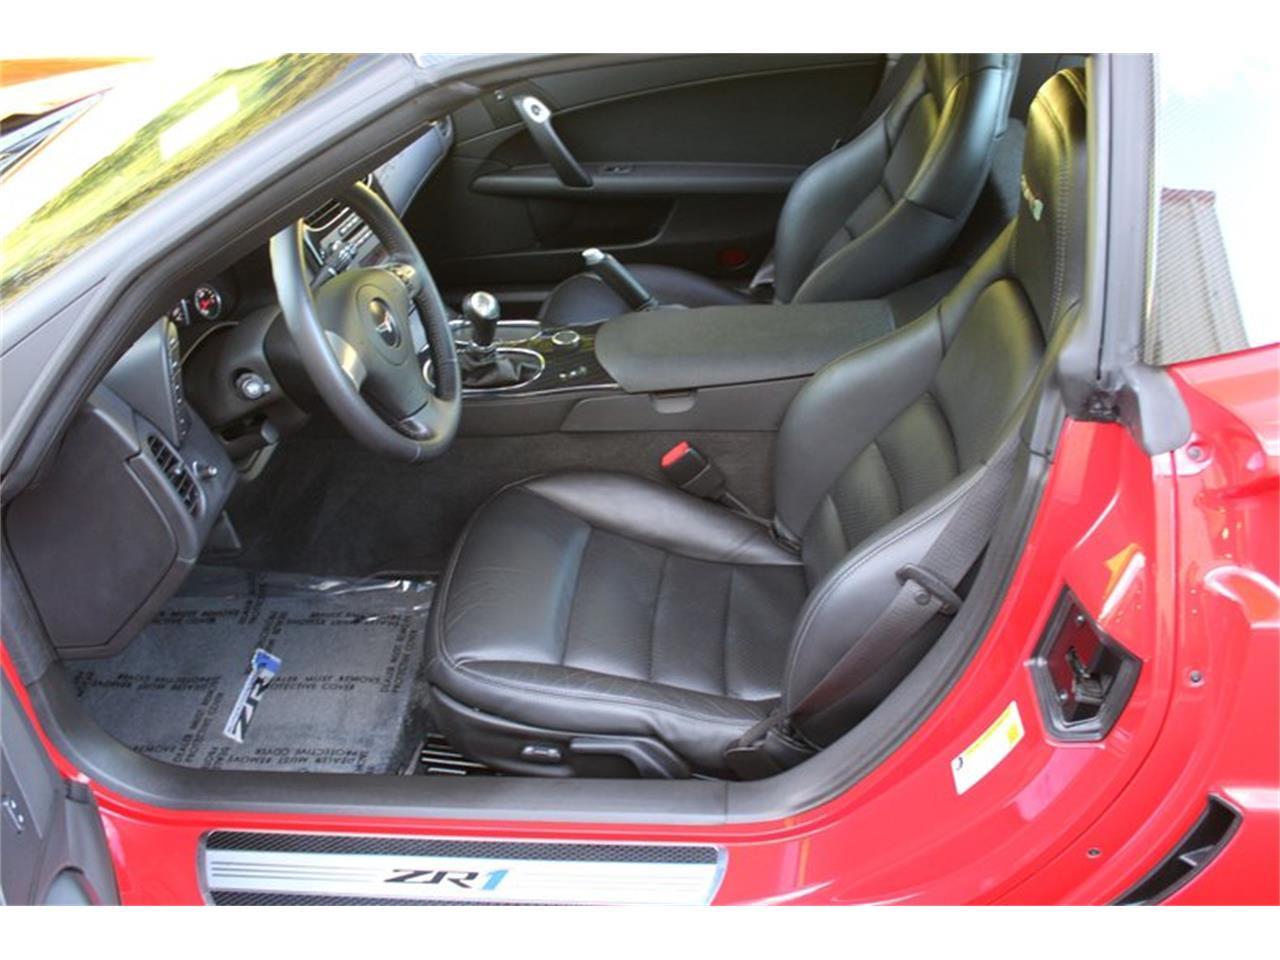 2011 Chevrolet Corvette (CC-1388038) for sale in Clifton Park, New York